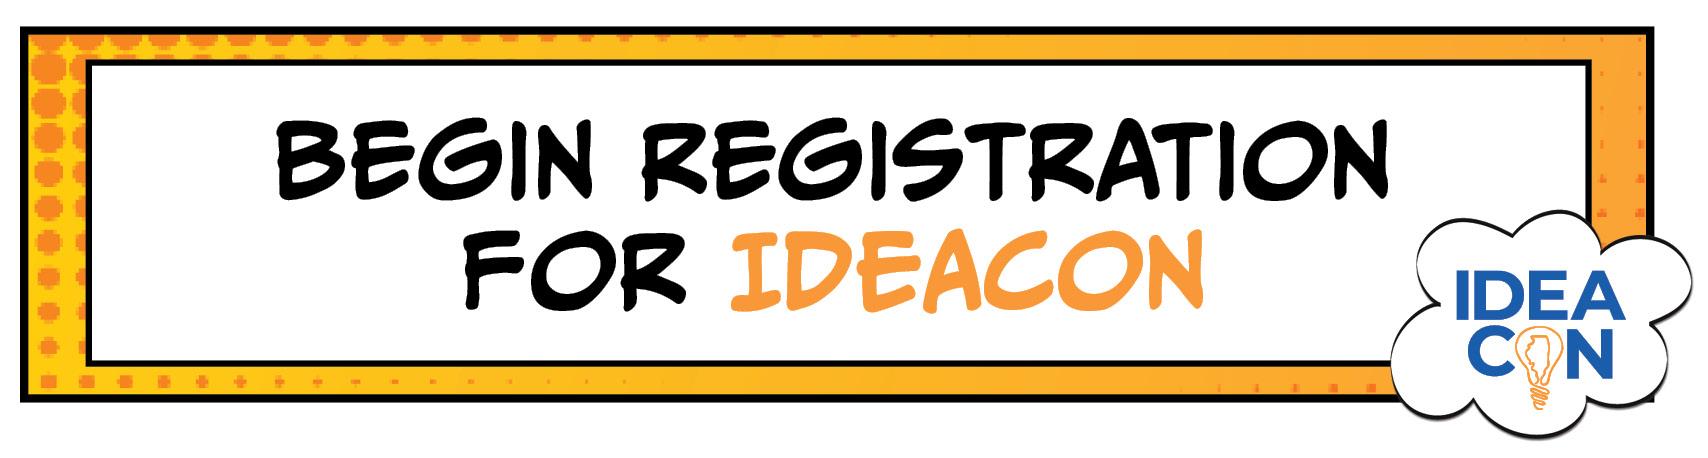 Begin Registration